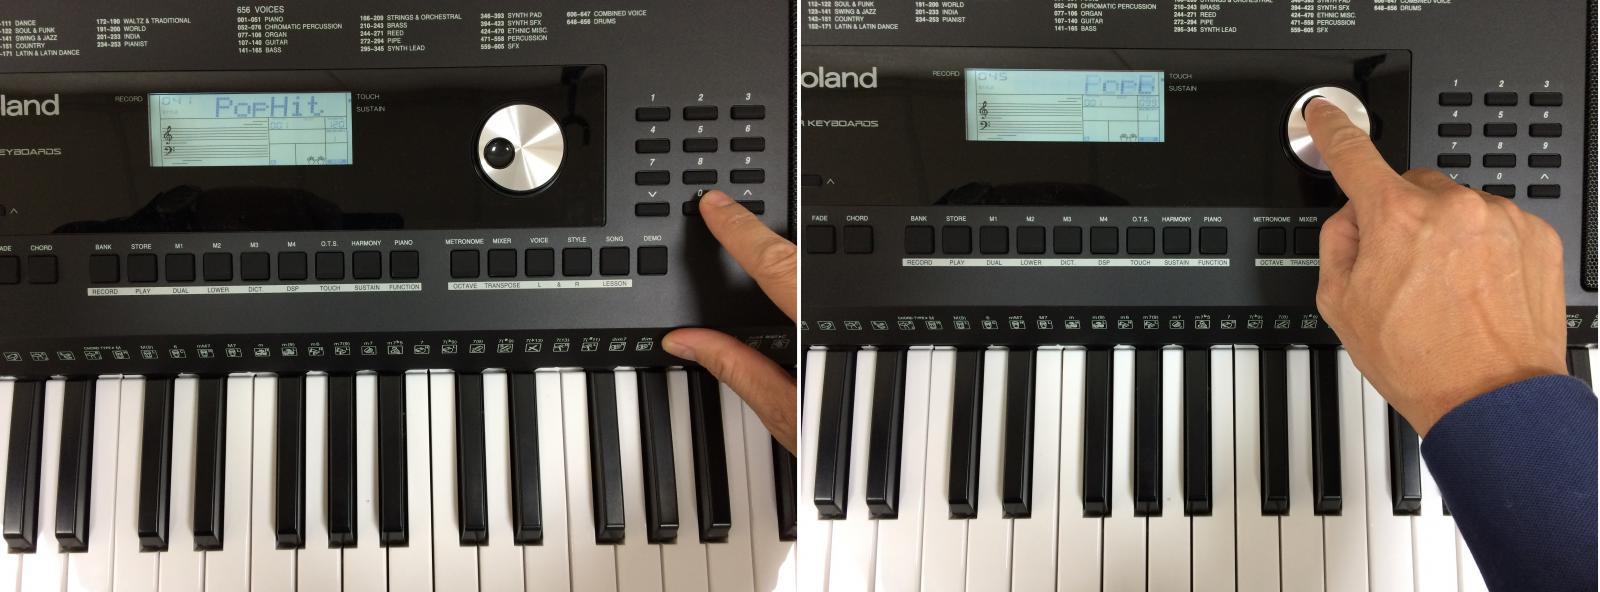 organ roland e-x20